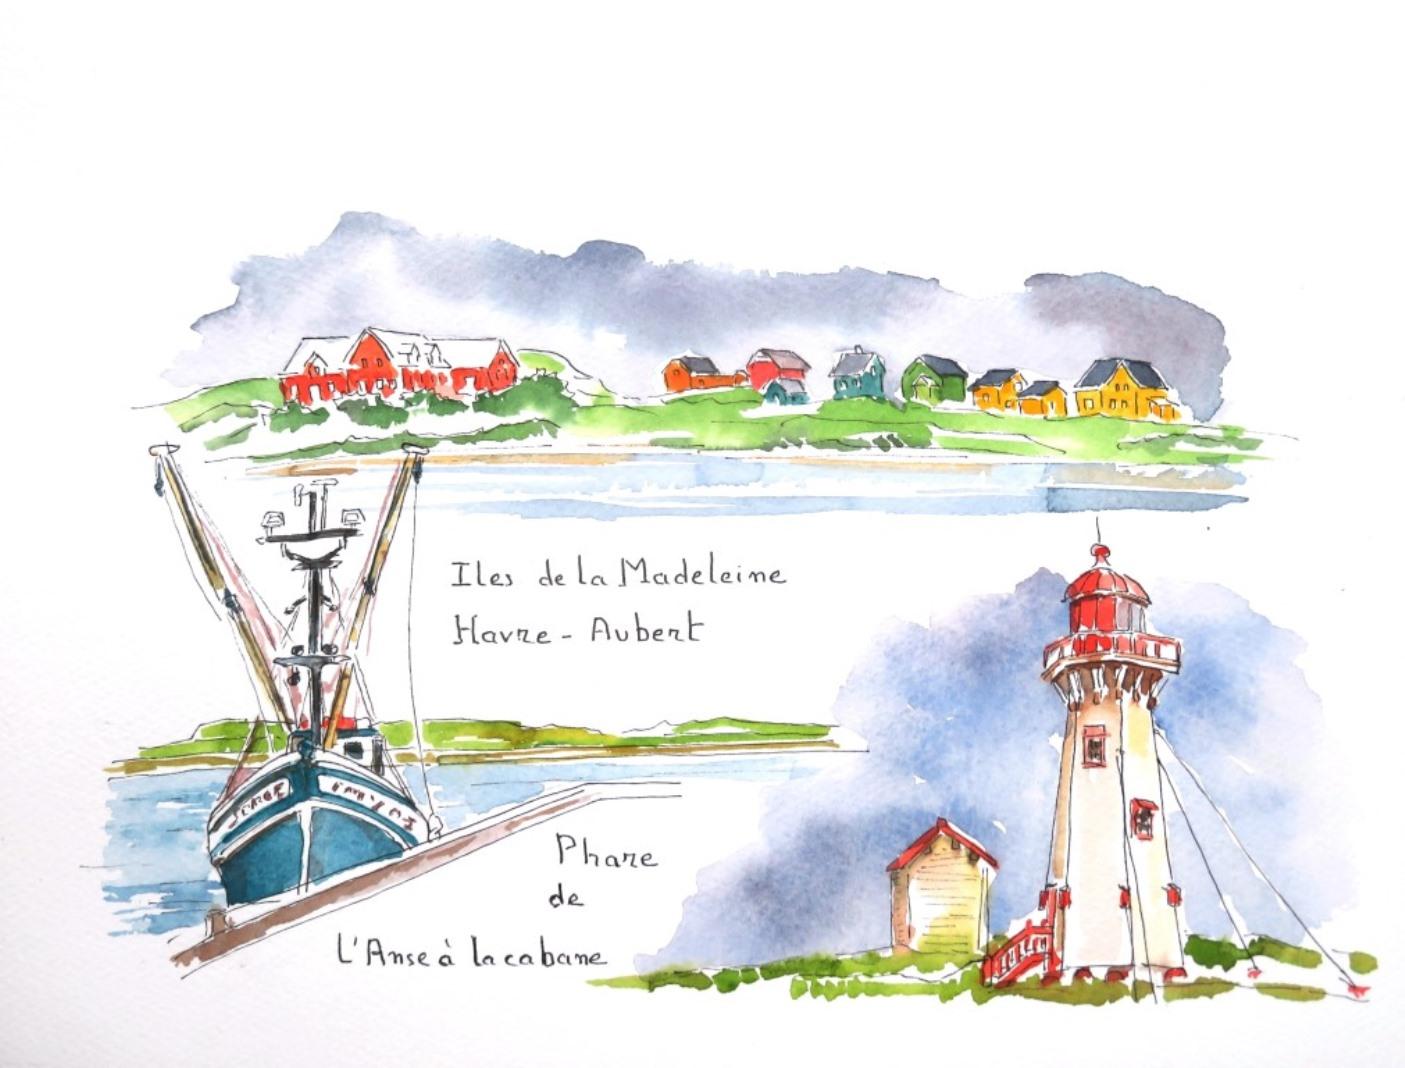 Madeleine 7 Havre Aubert c